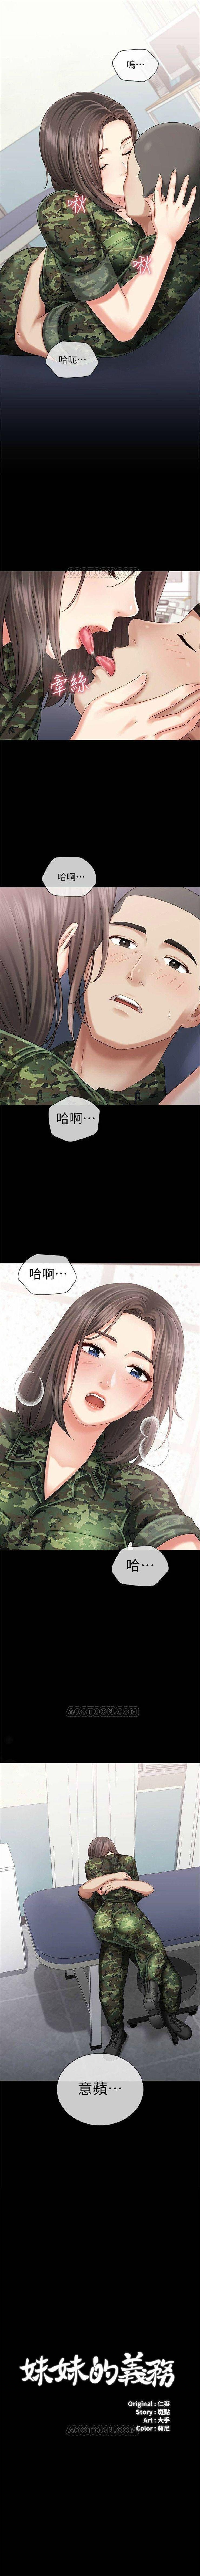 妹妹的義務 1-37 官方中文(連載中) 111